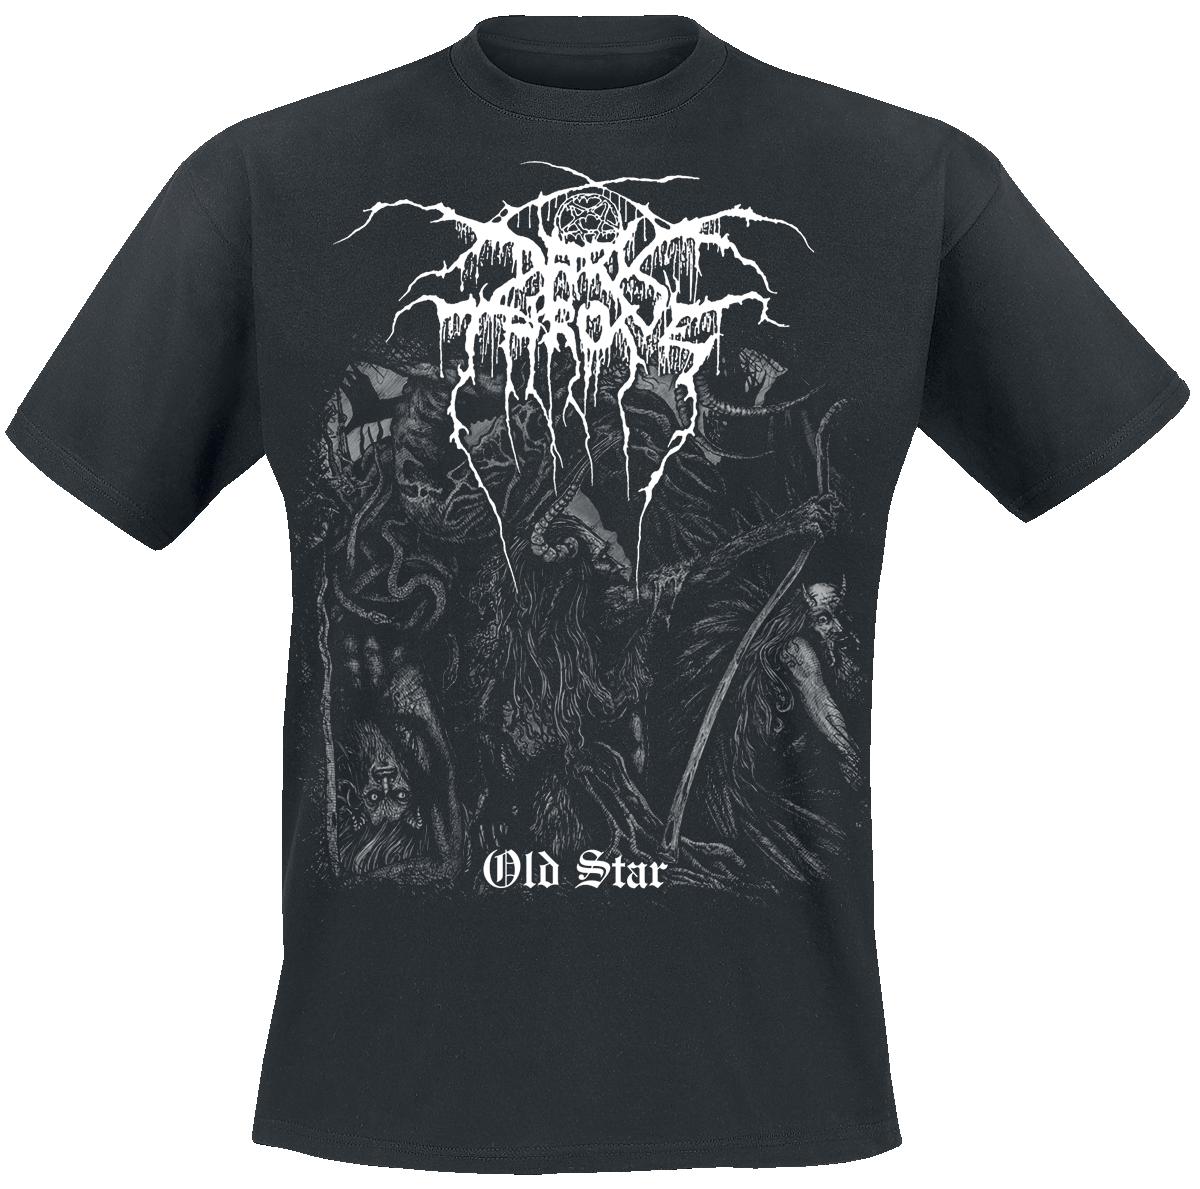 Darkthrone - Old Star - T-Shirt - black image